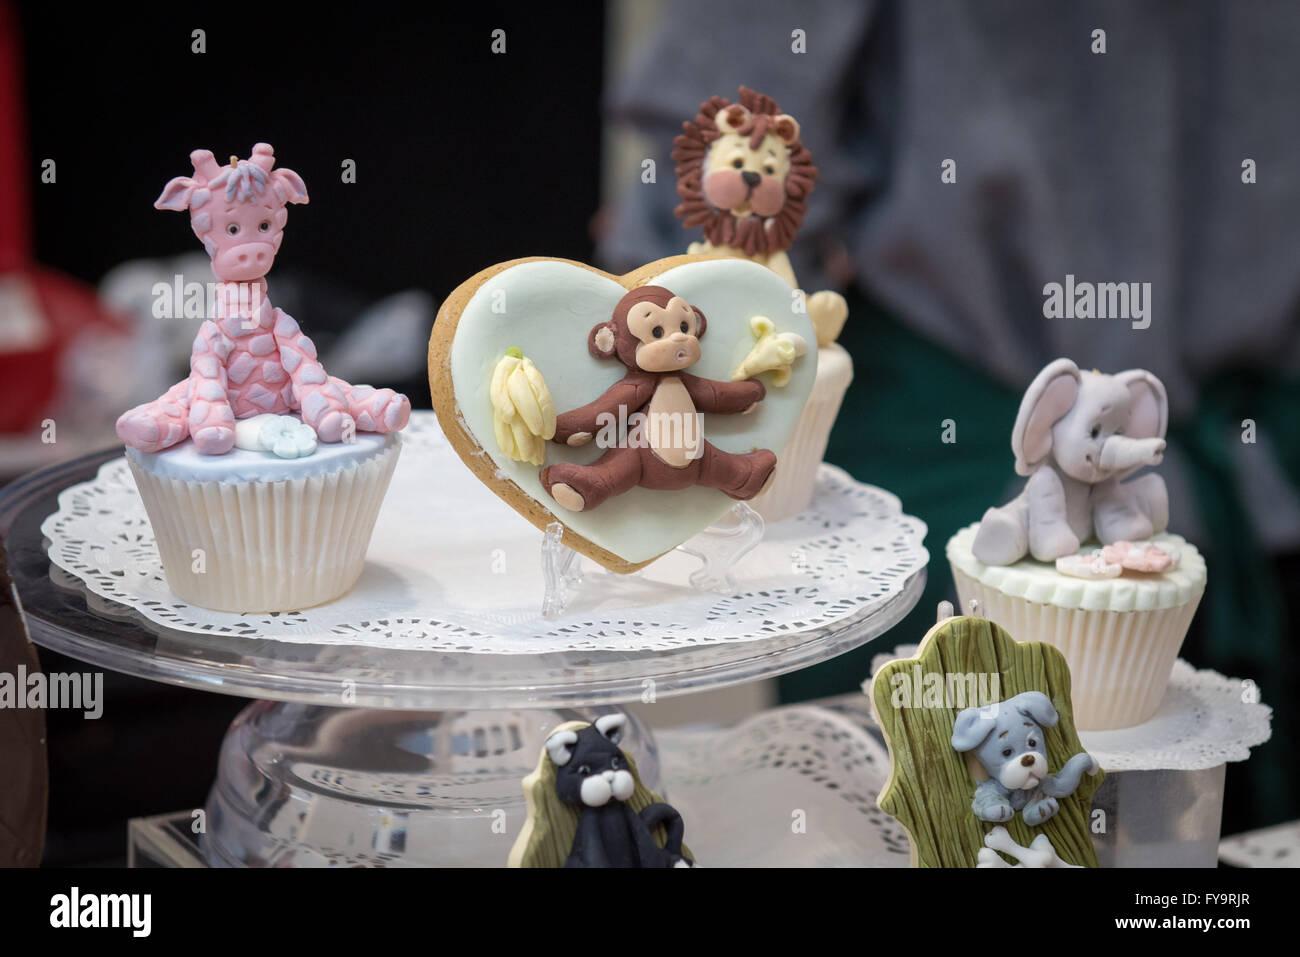 Baby Kinder Geburtstag Kuchen Dekorationen Kuchen International